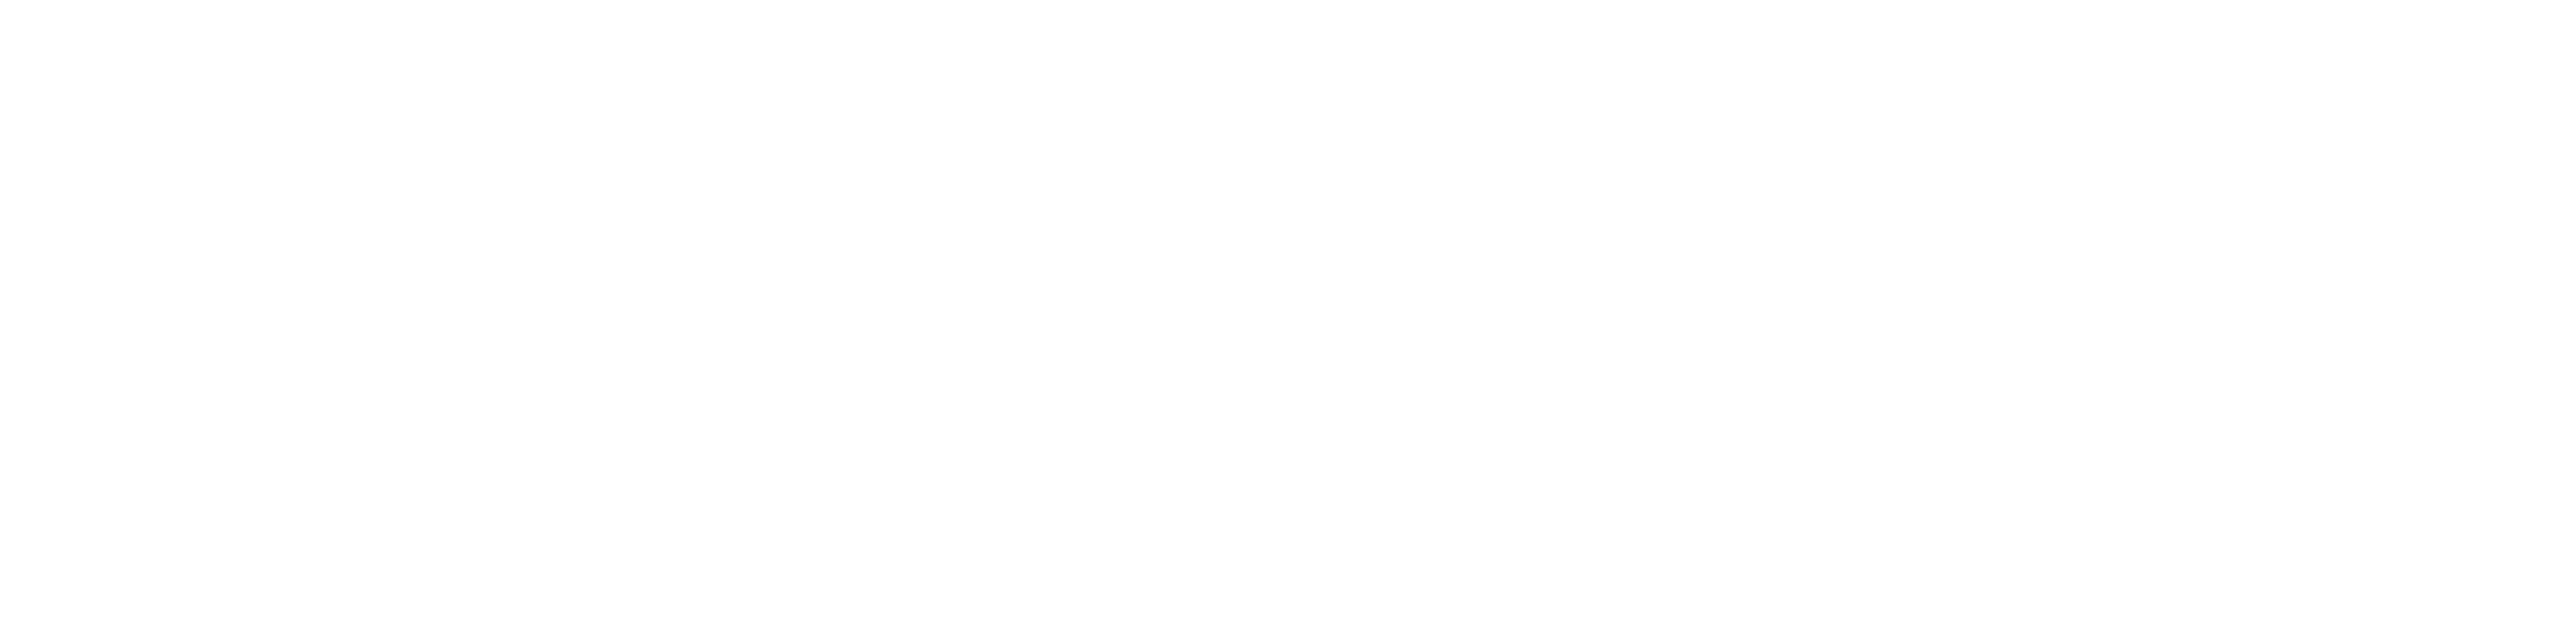 FSTEC